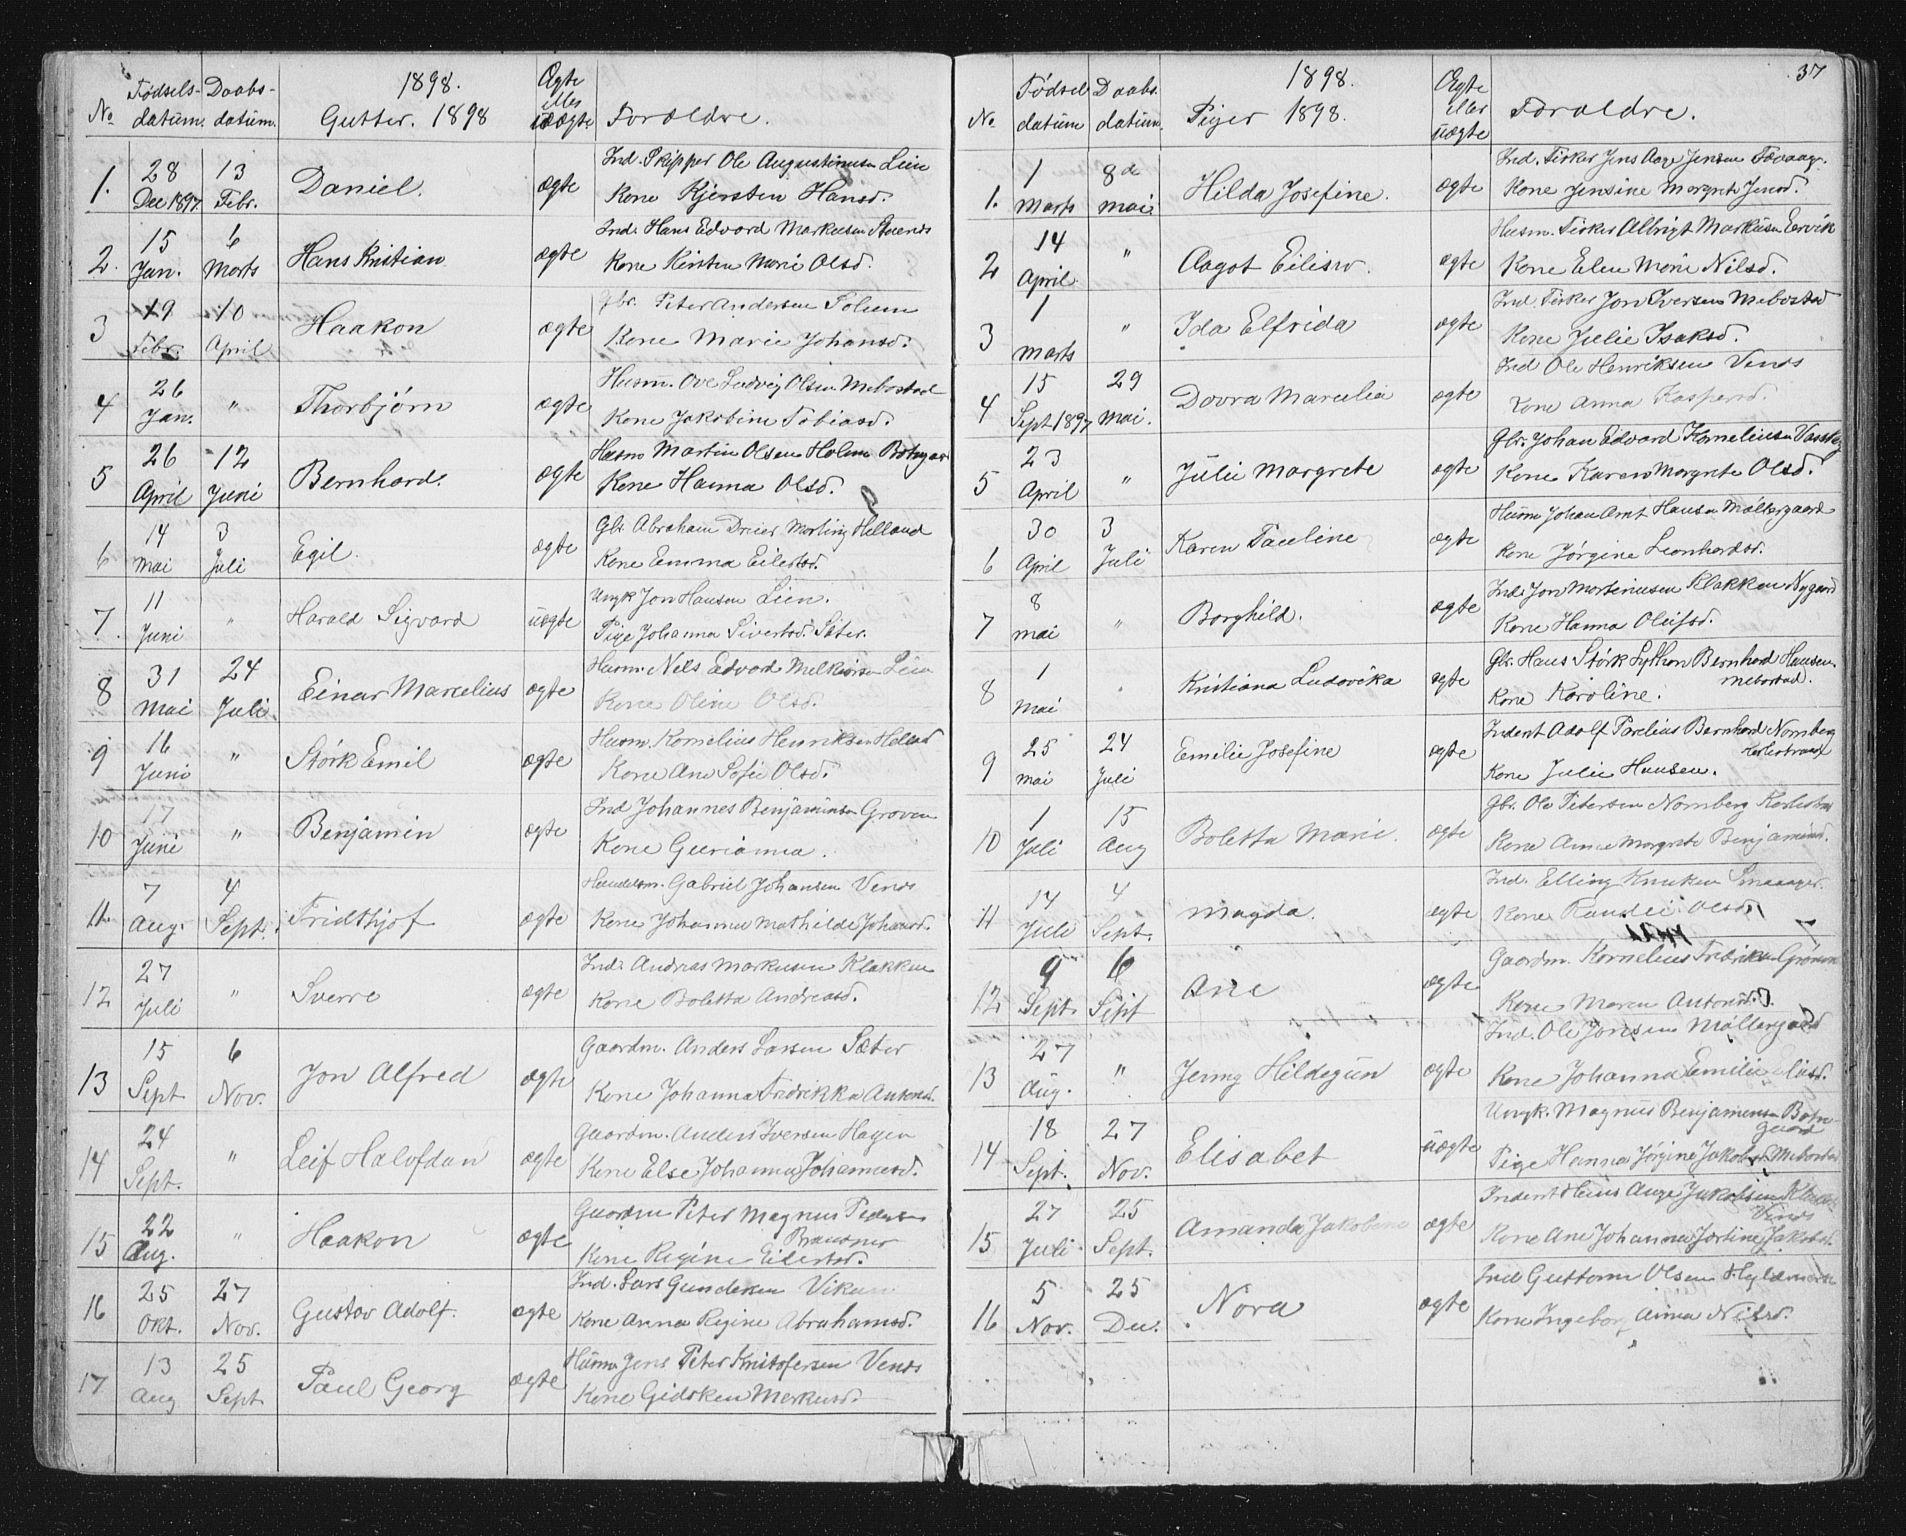 SAT, Ministerialprotokoller, klokkerbøker og fødselsregistre - Sør-Trøndelag, 651/L0647: Klokkerbok nr. 651C01, 1866-1914, s. 37